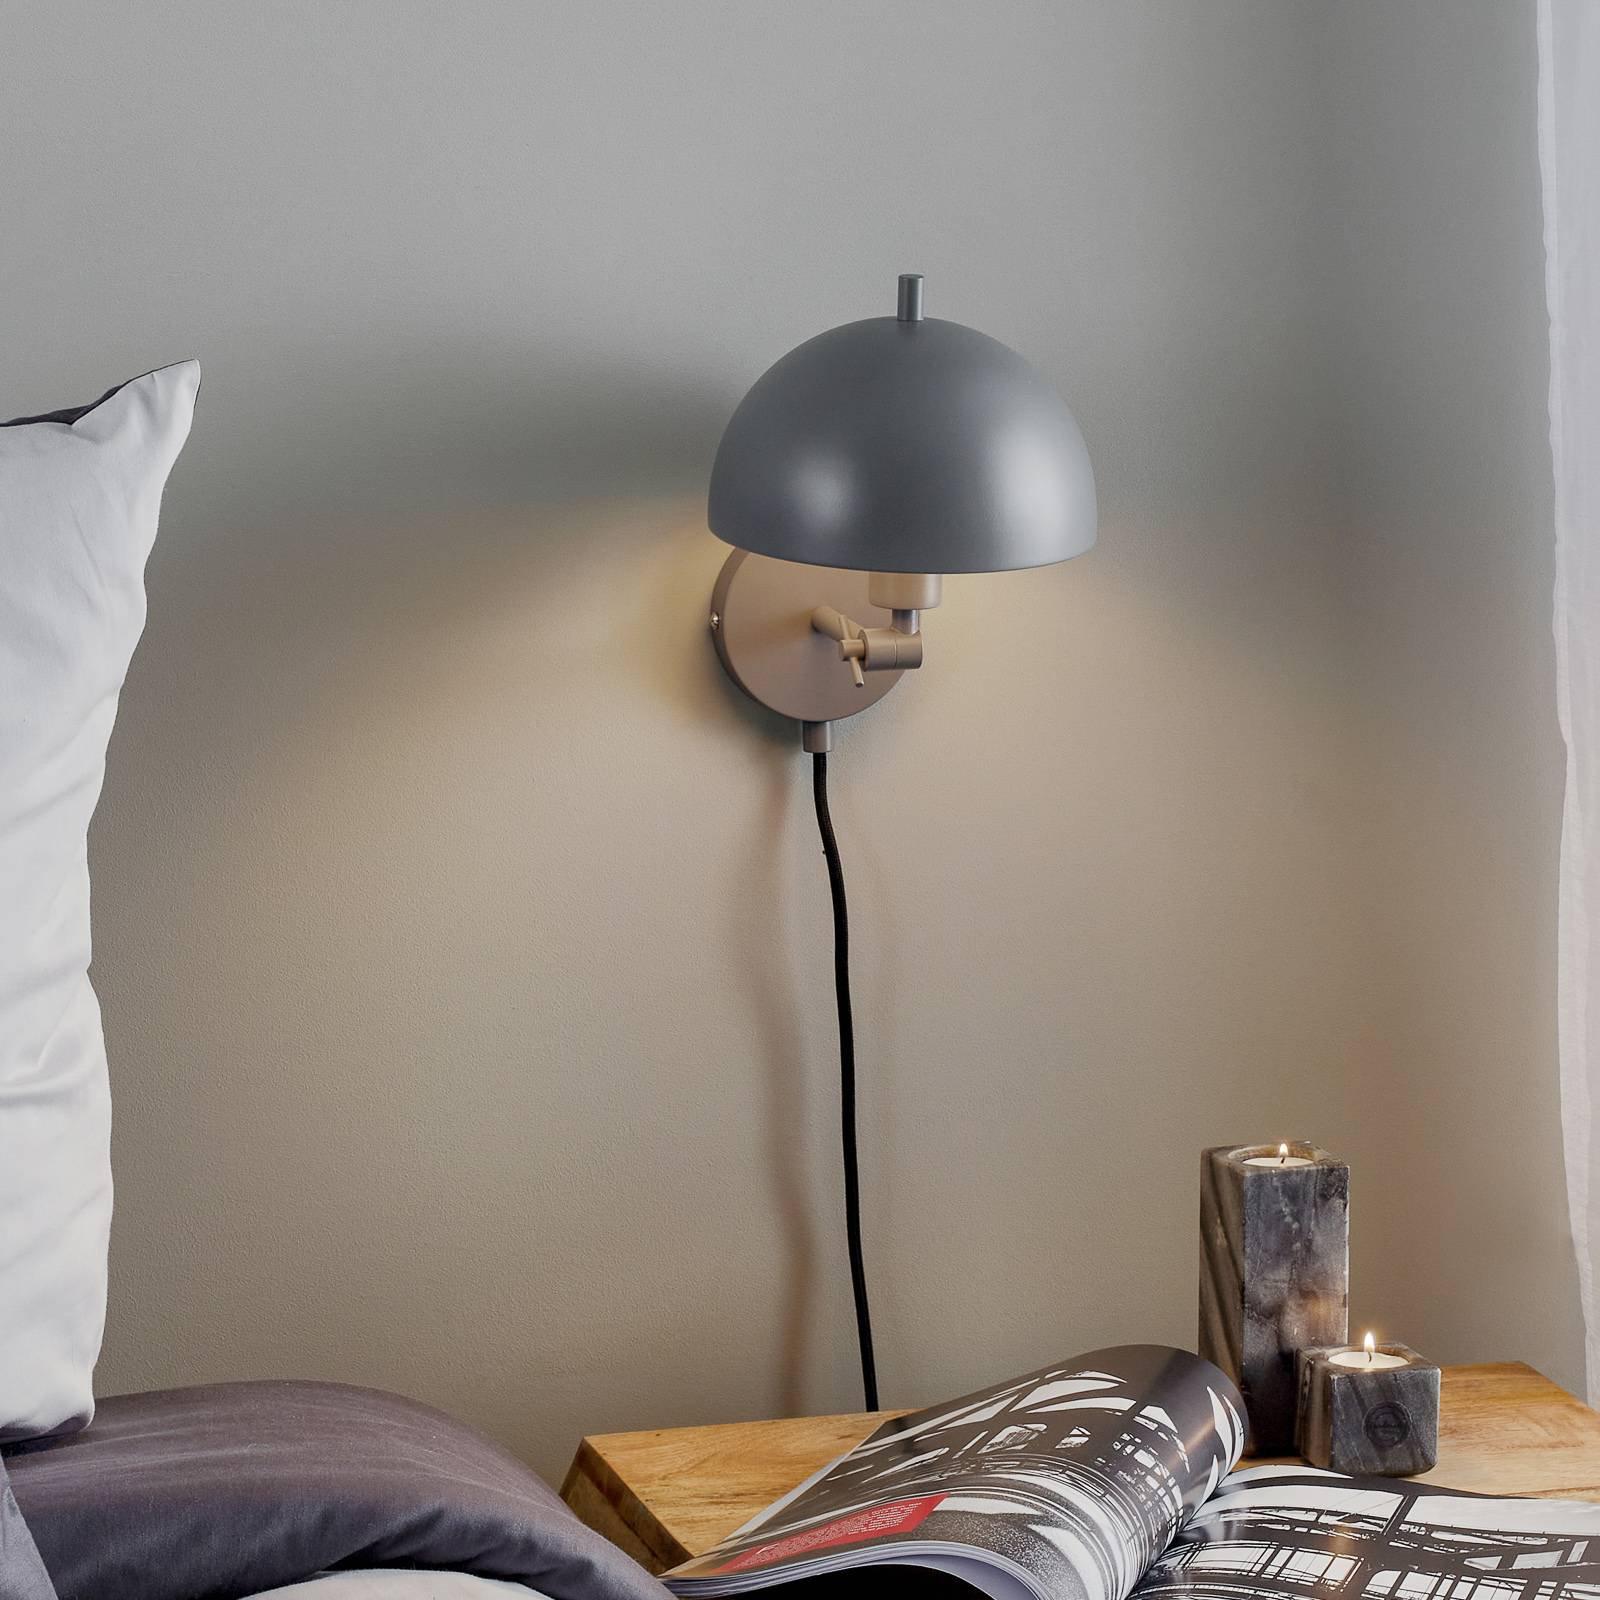 Schöner Wohnen Kia vegglampe, grå, vippbar